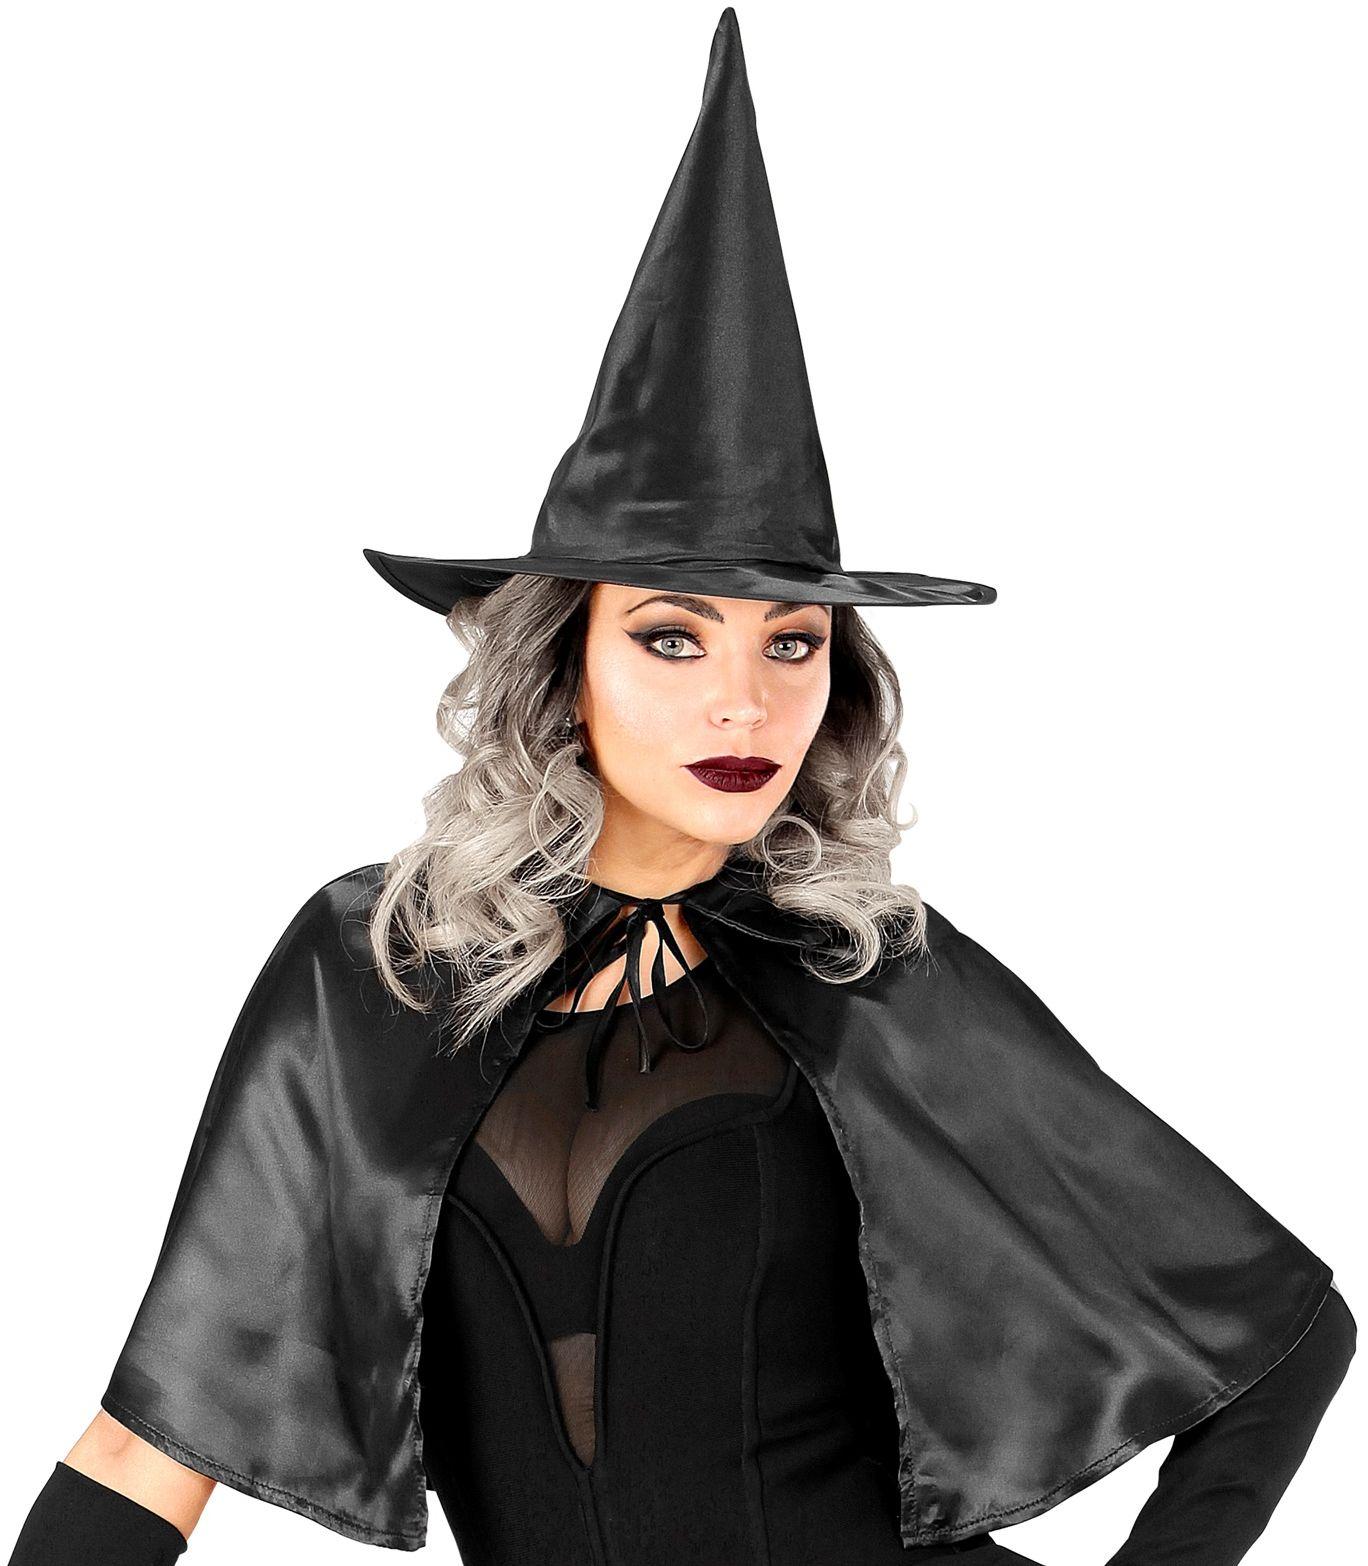 Heksen cape en hoed